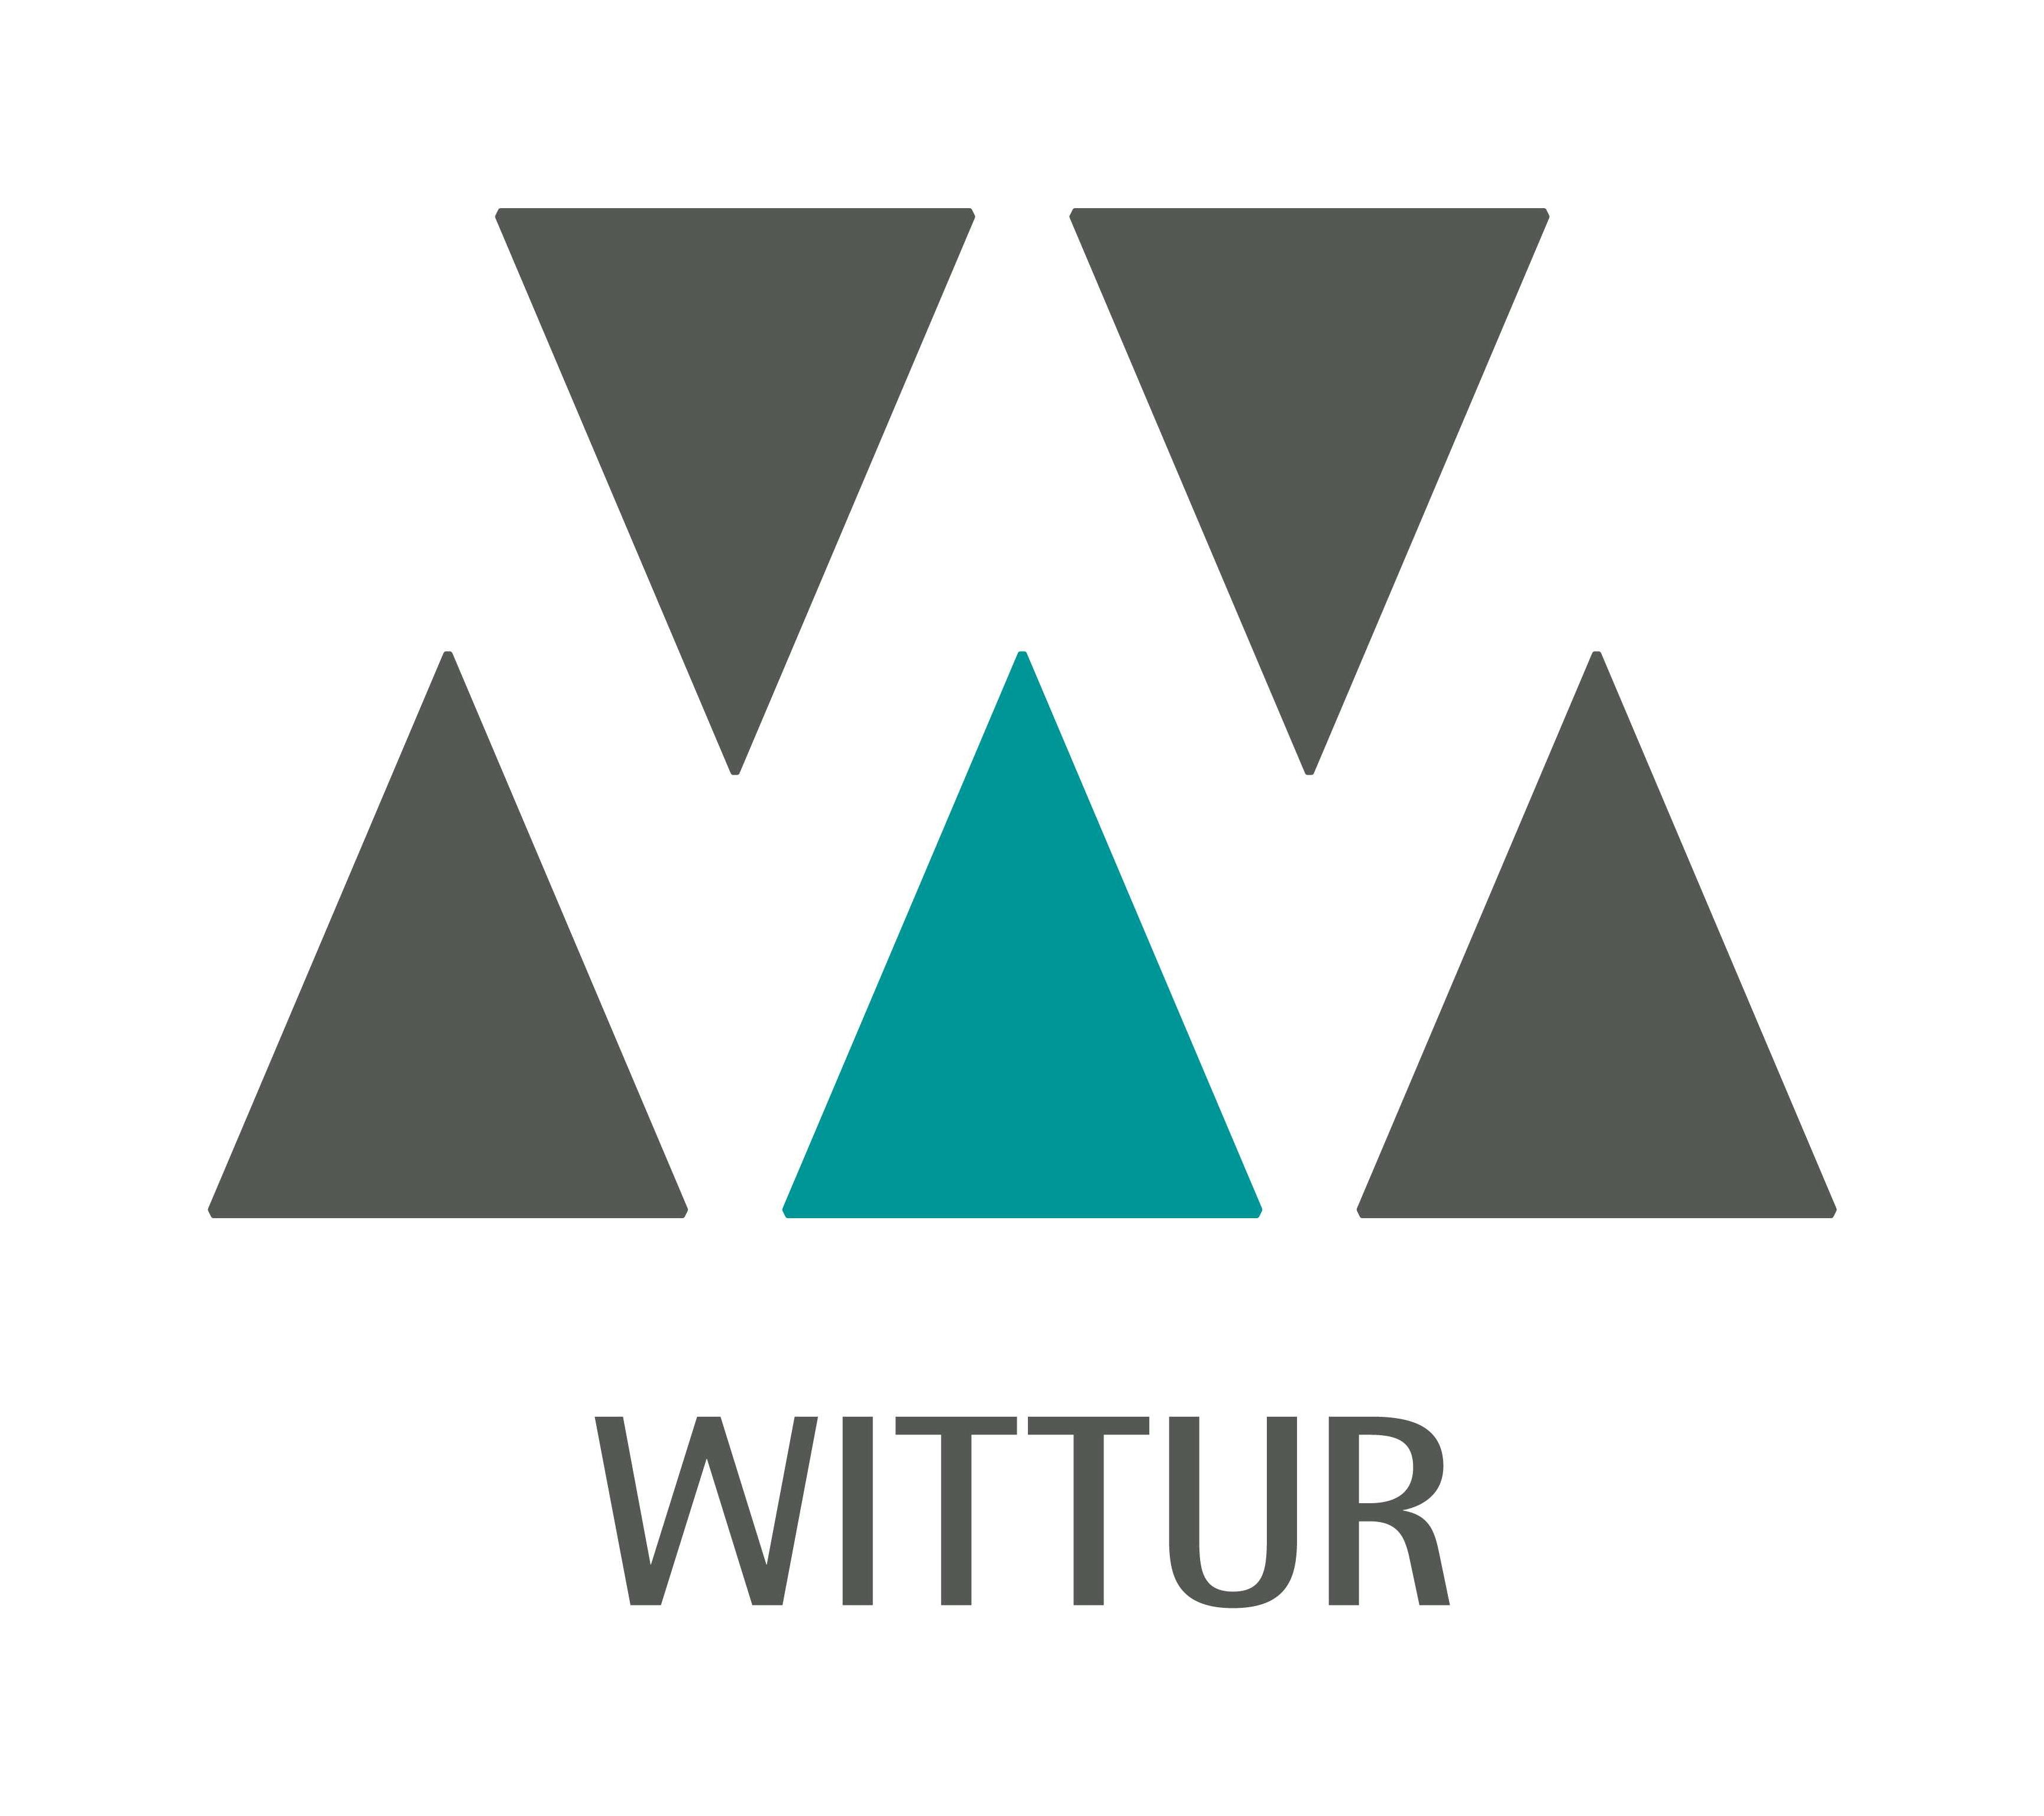 Wittur ανελκυστηρες